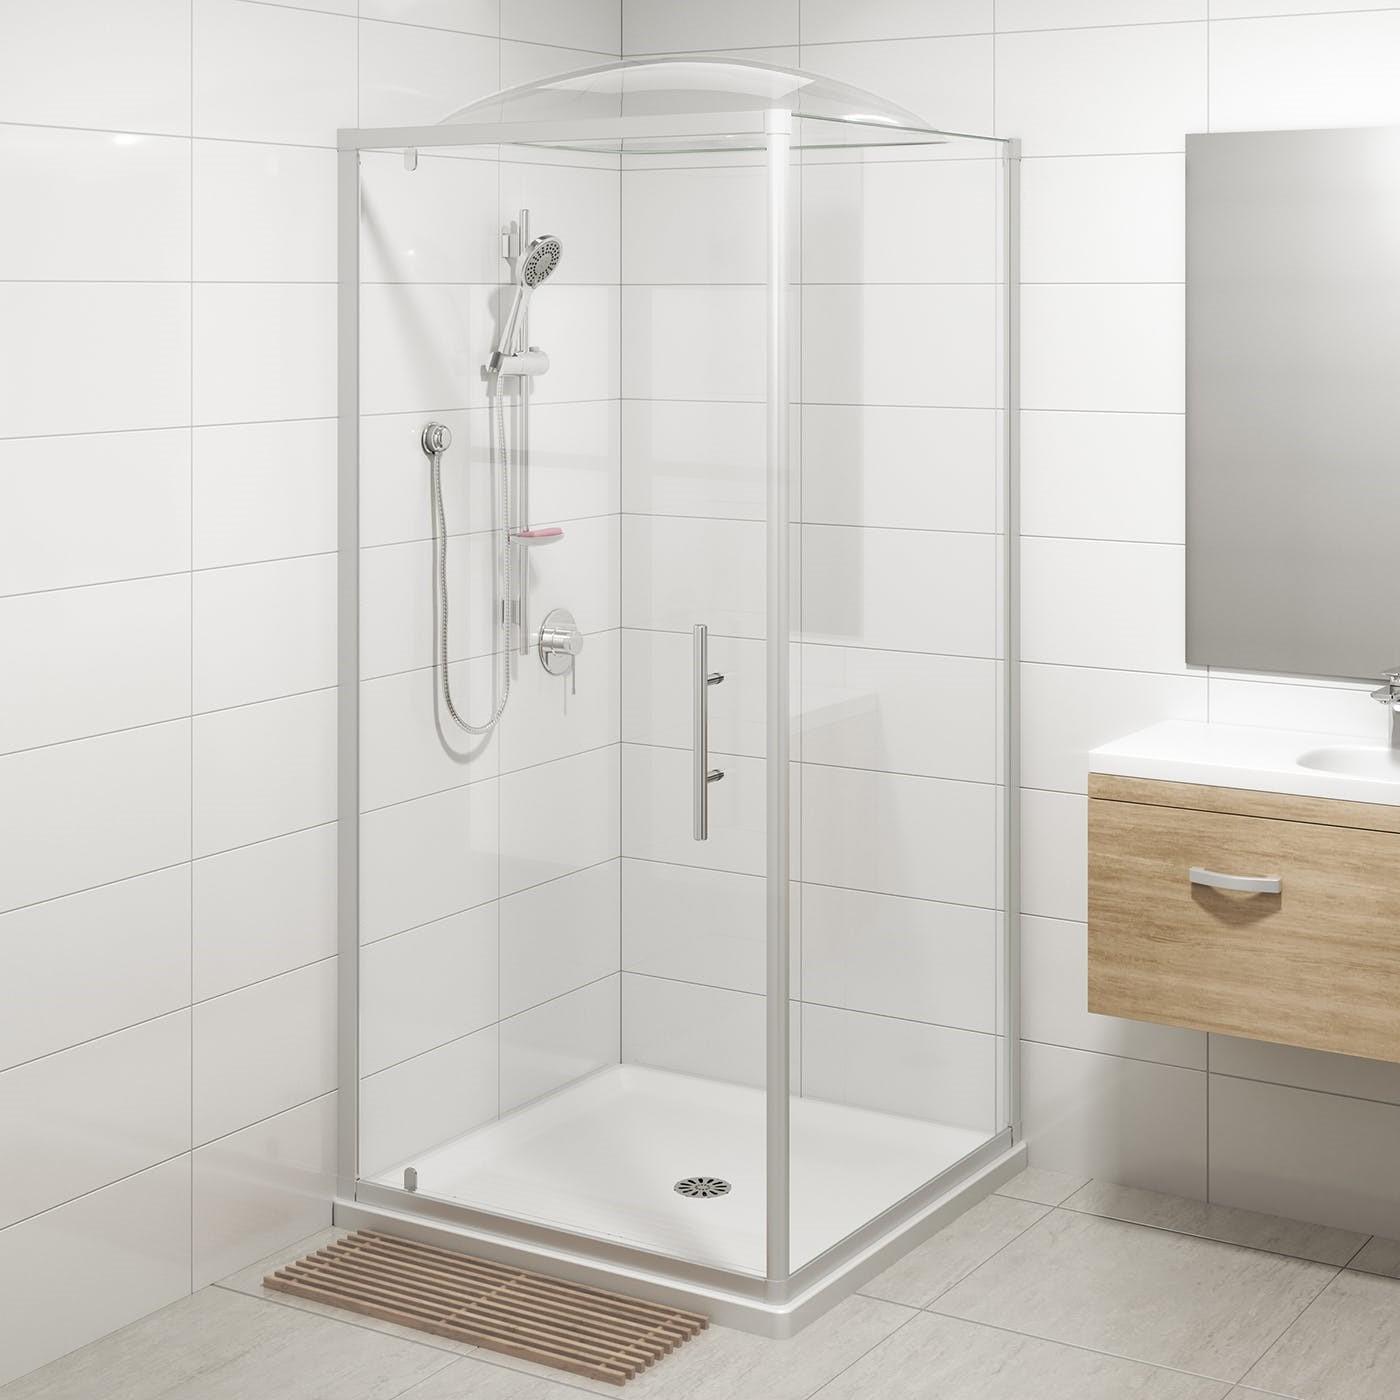 Une douchette dans la salle de bains est la meilleure solution.